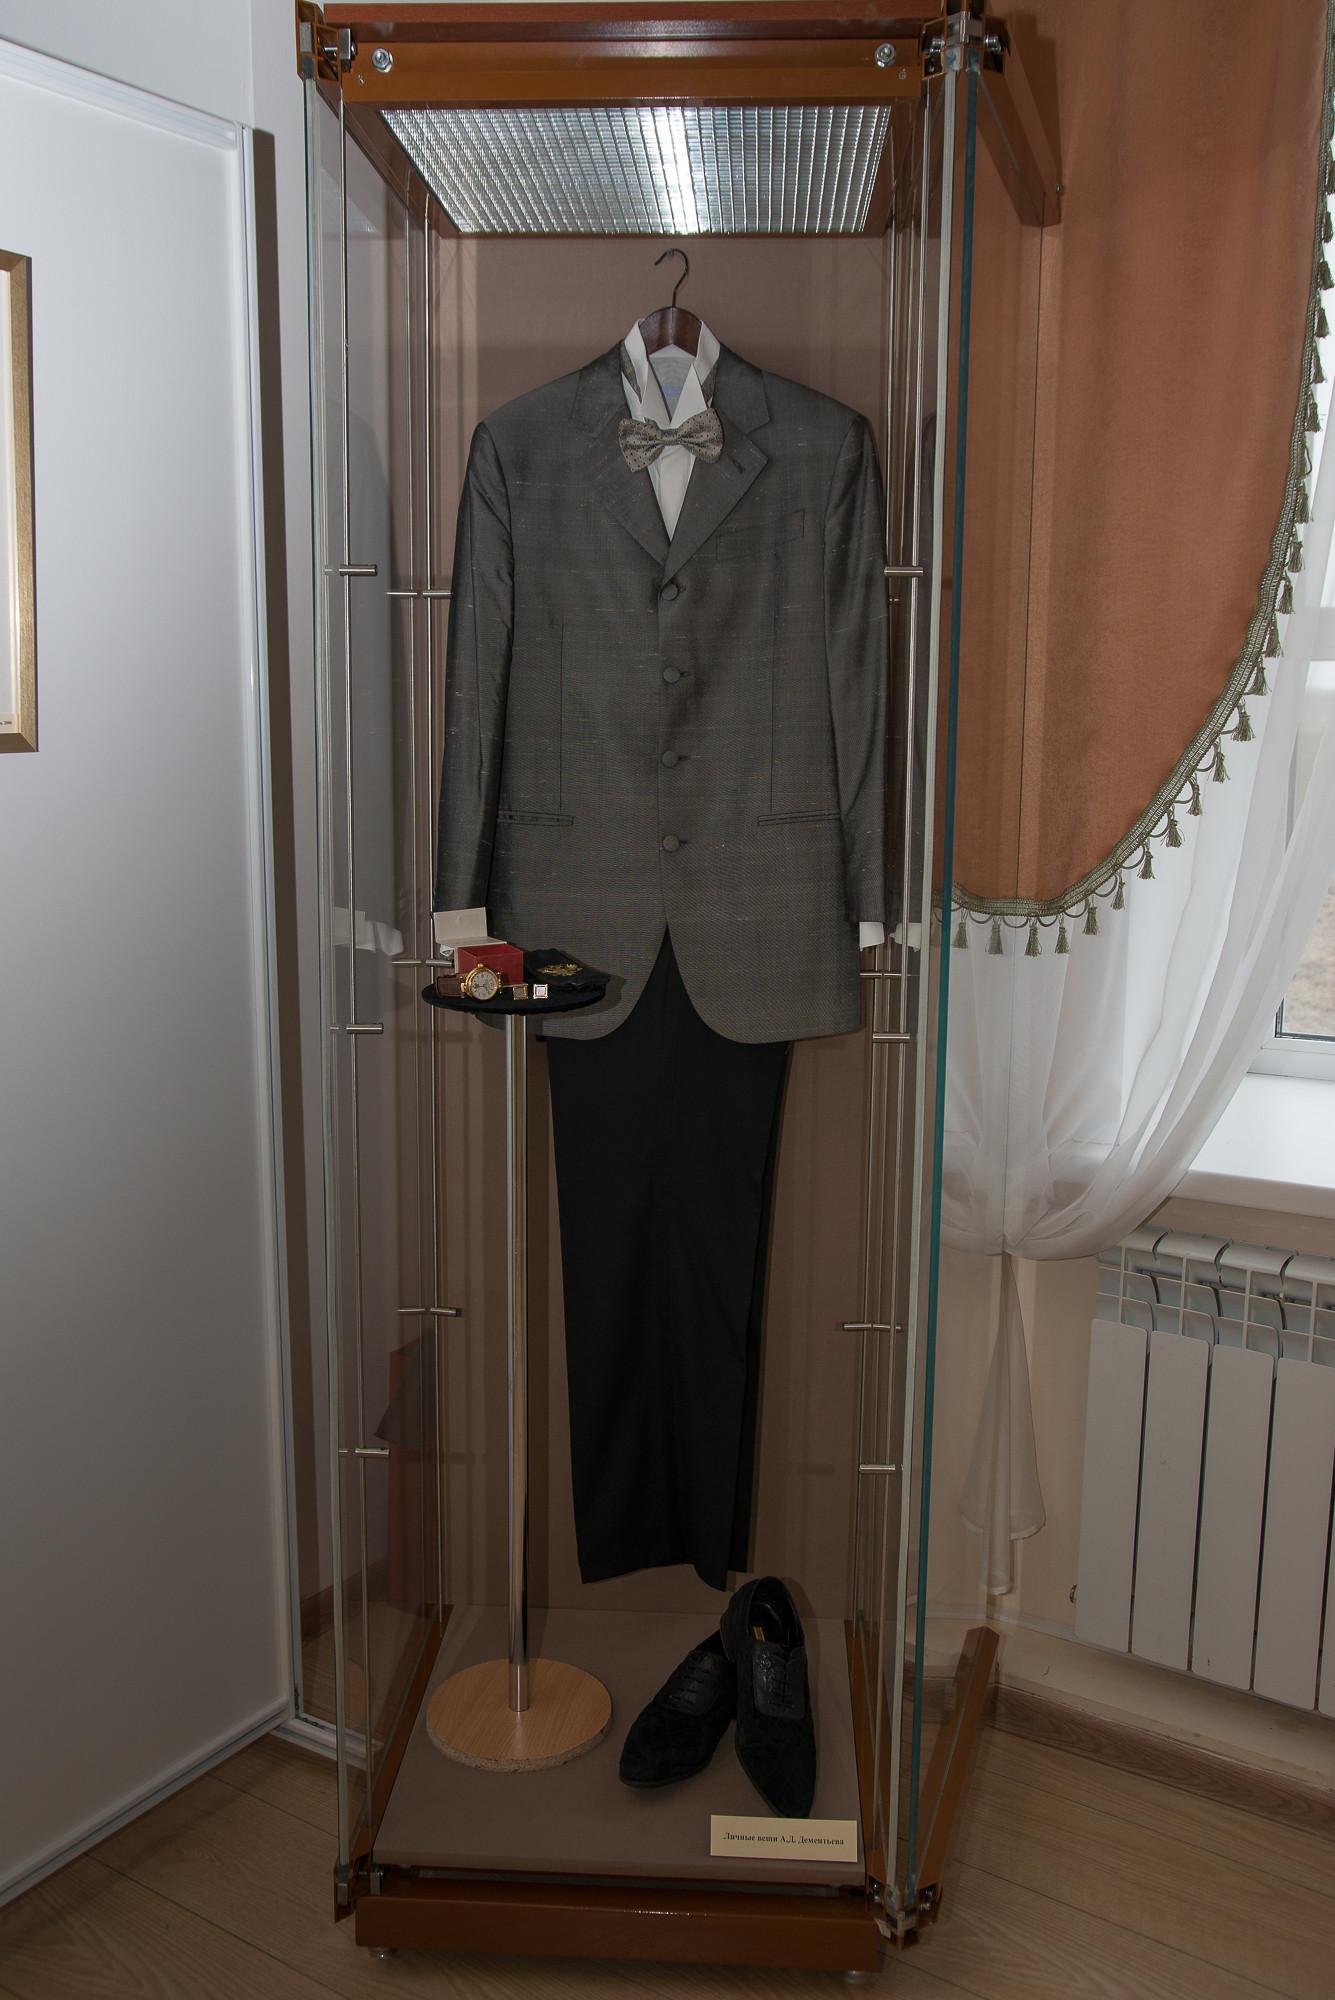 Концертный костюм. Фрагмент экспозиции. Личные вещи А.Д. Дементьева